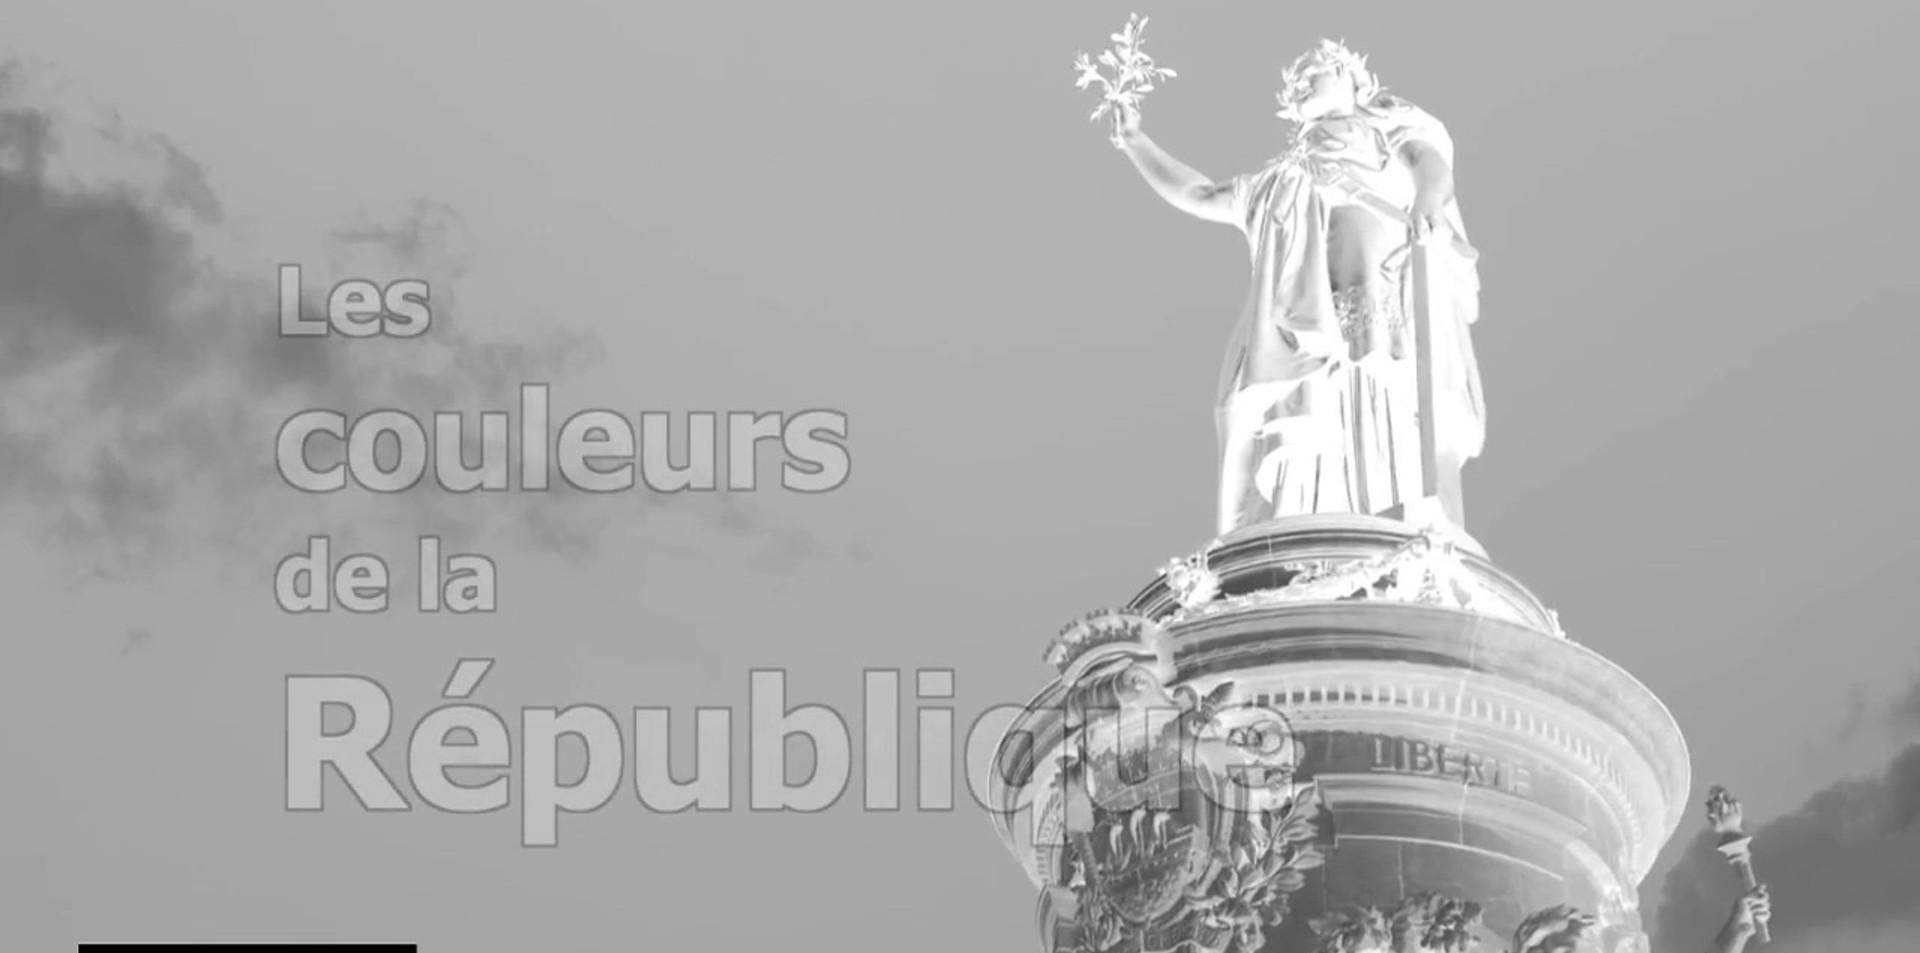 Les Couleurs de la République